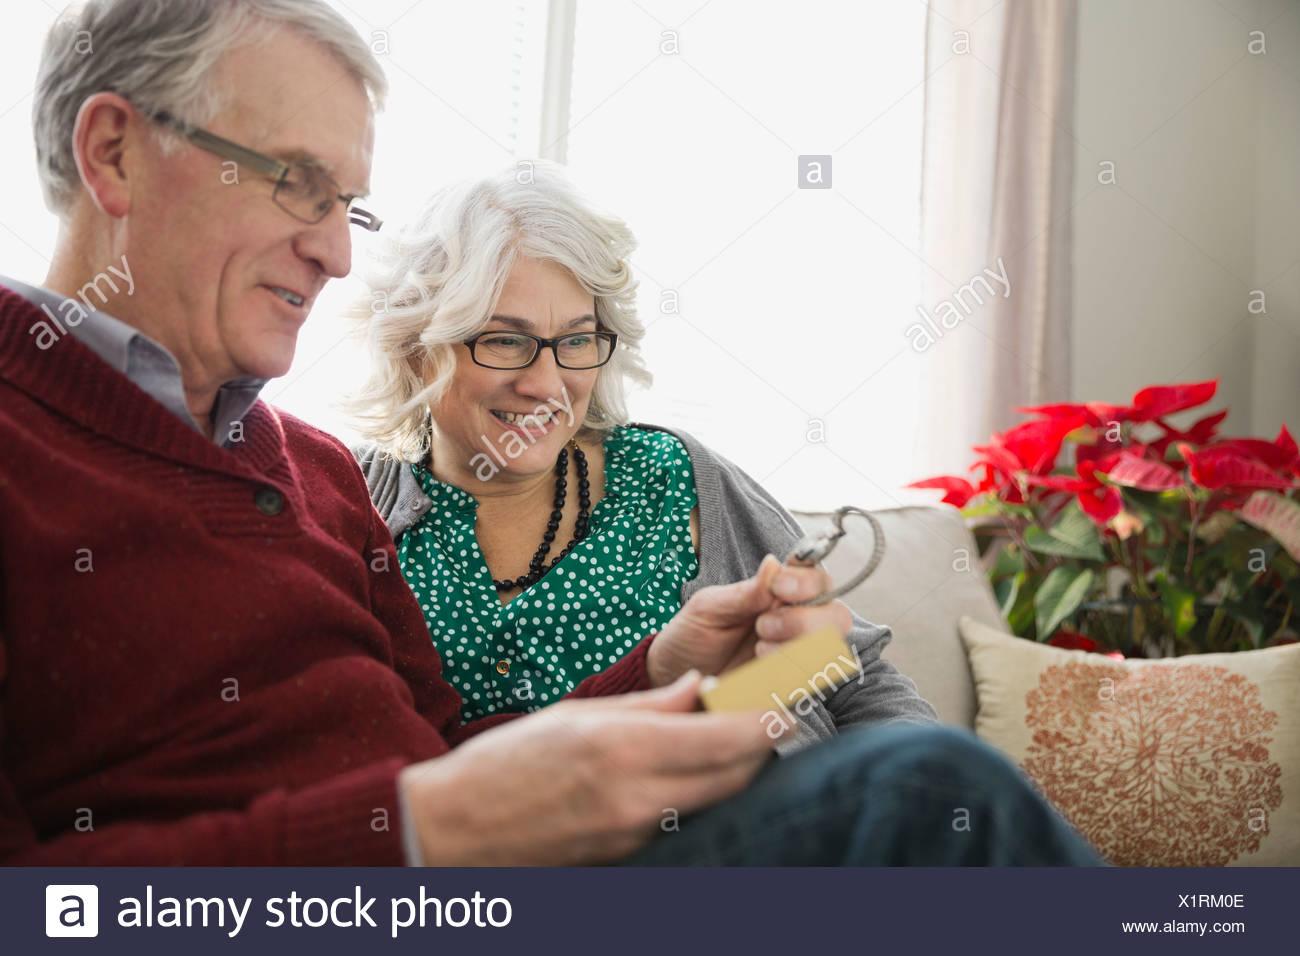 Senior woman öffnen Weihnachtsgeschenk mit Frau Stockfoto, Bild ...